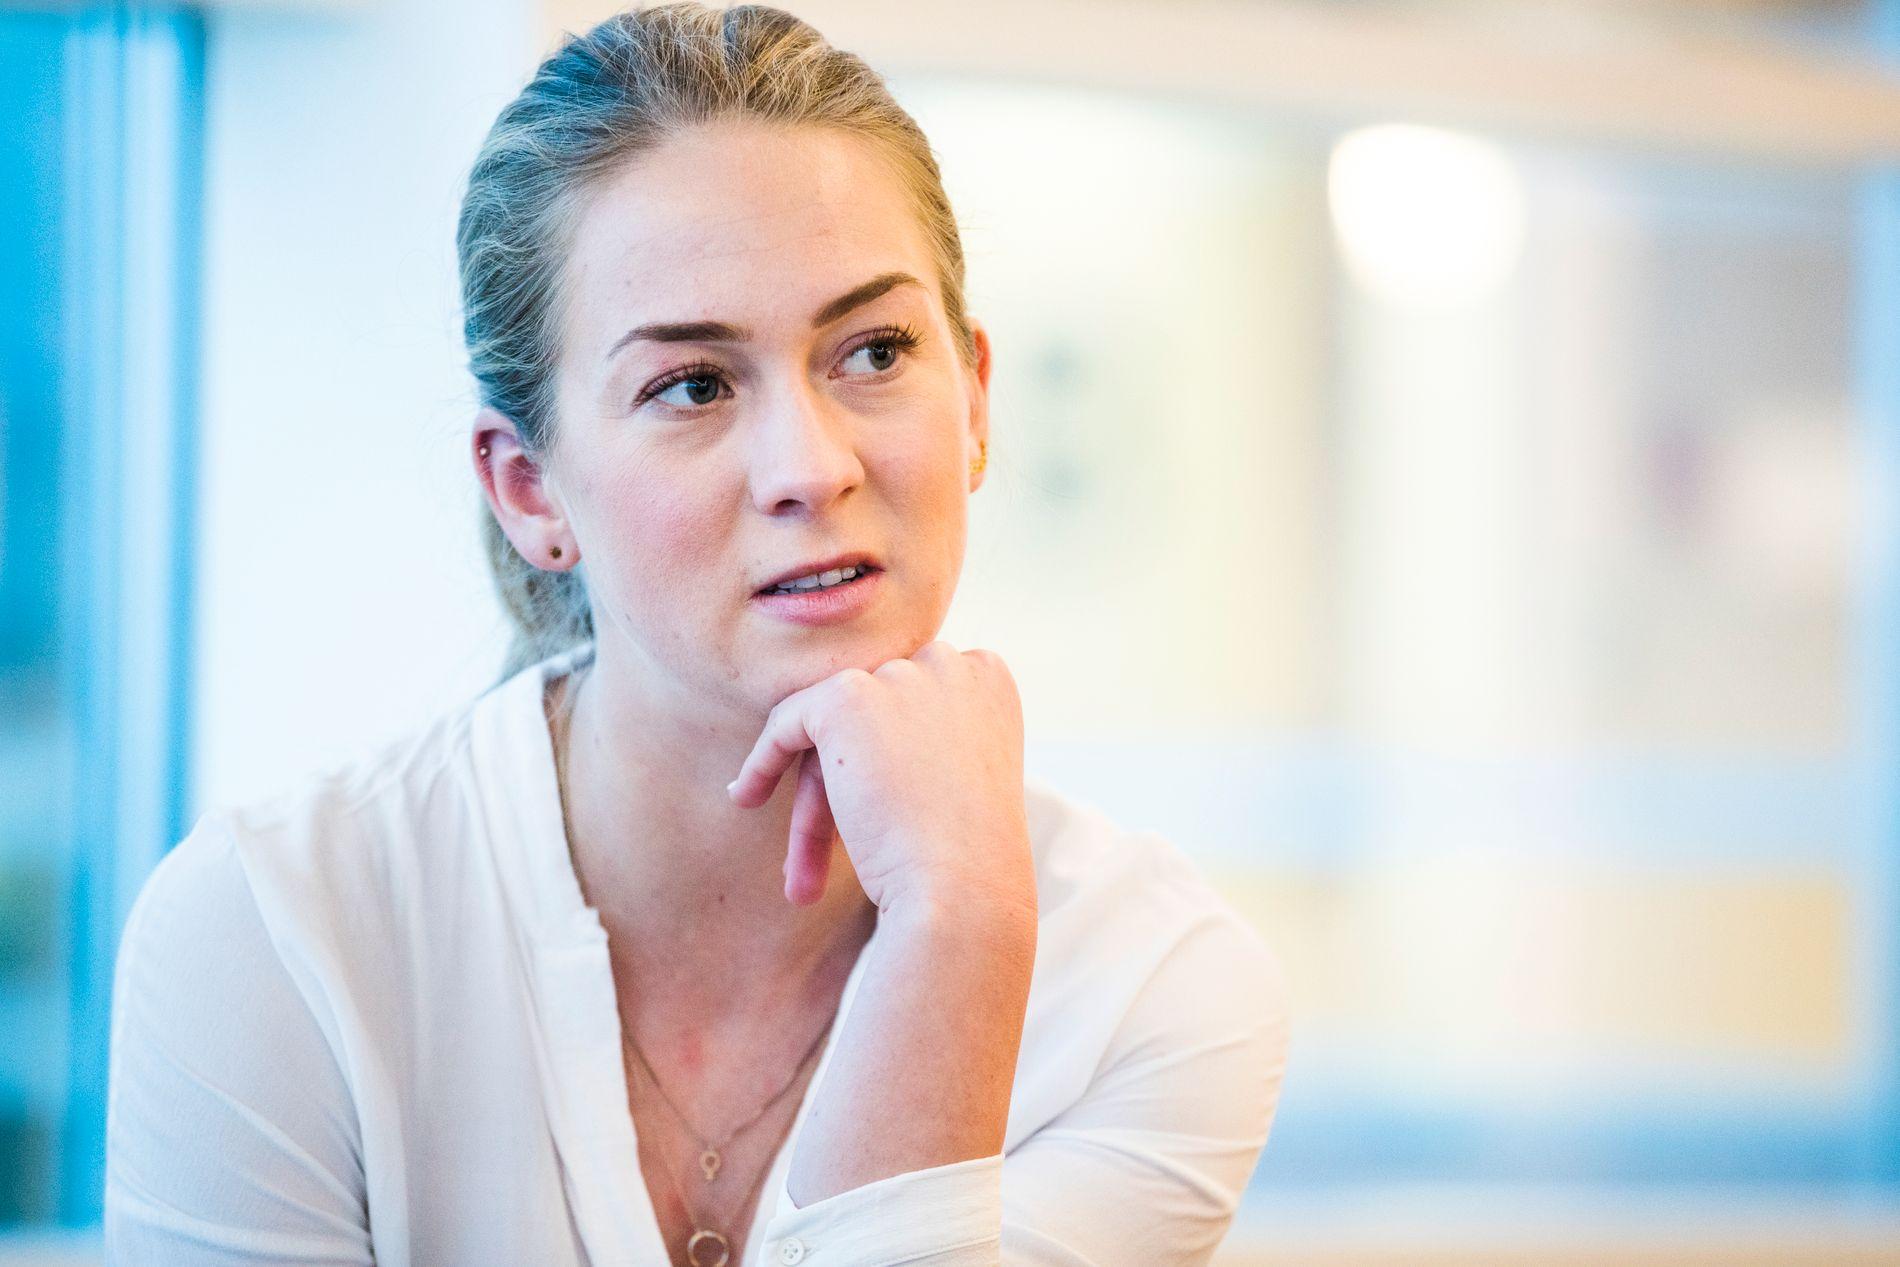 STO FREM: Nylig ble journalist Ragnhild Ås Harbo (26) nominert av nettstedet Kampanje til «Årets medienavn». Juryen skriver i sin begrunnelse at «hun ga et ansikt og et navn til hundrevis av kvinner som har opplevd seksuell trakassering, og har vært med på å starte en selvransakelse i bransjen som må føre til et tryggere arbeidsmiljø for kvinner». – Denne nominasjonen gjelder ikke bare meg, men alle kvinner som har vært utsatt for seksuell trakassering, sier hun.